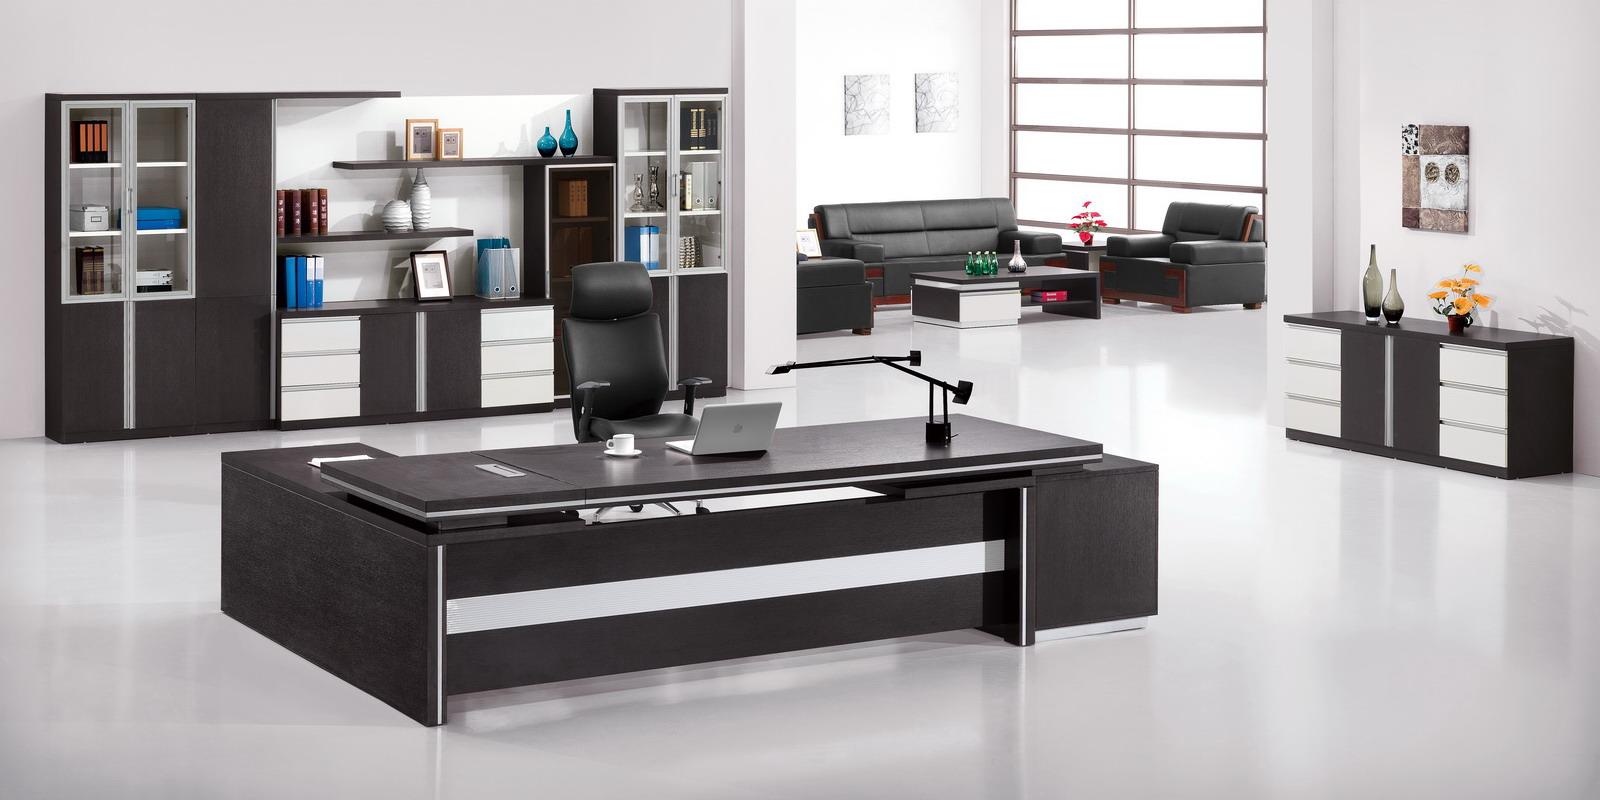 Чудесная офисная мебель в интерьере